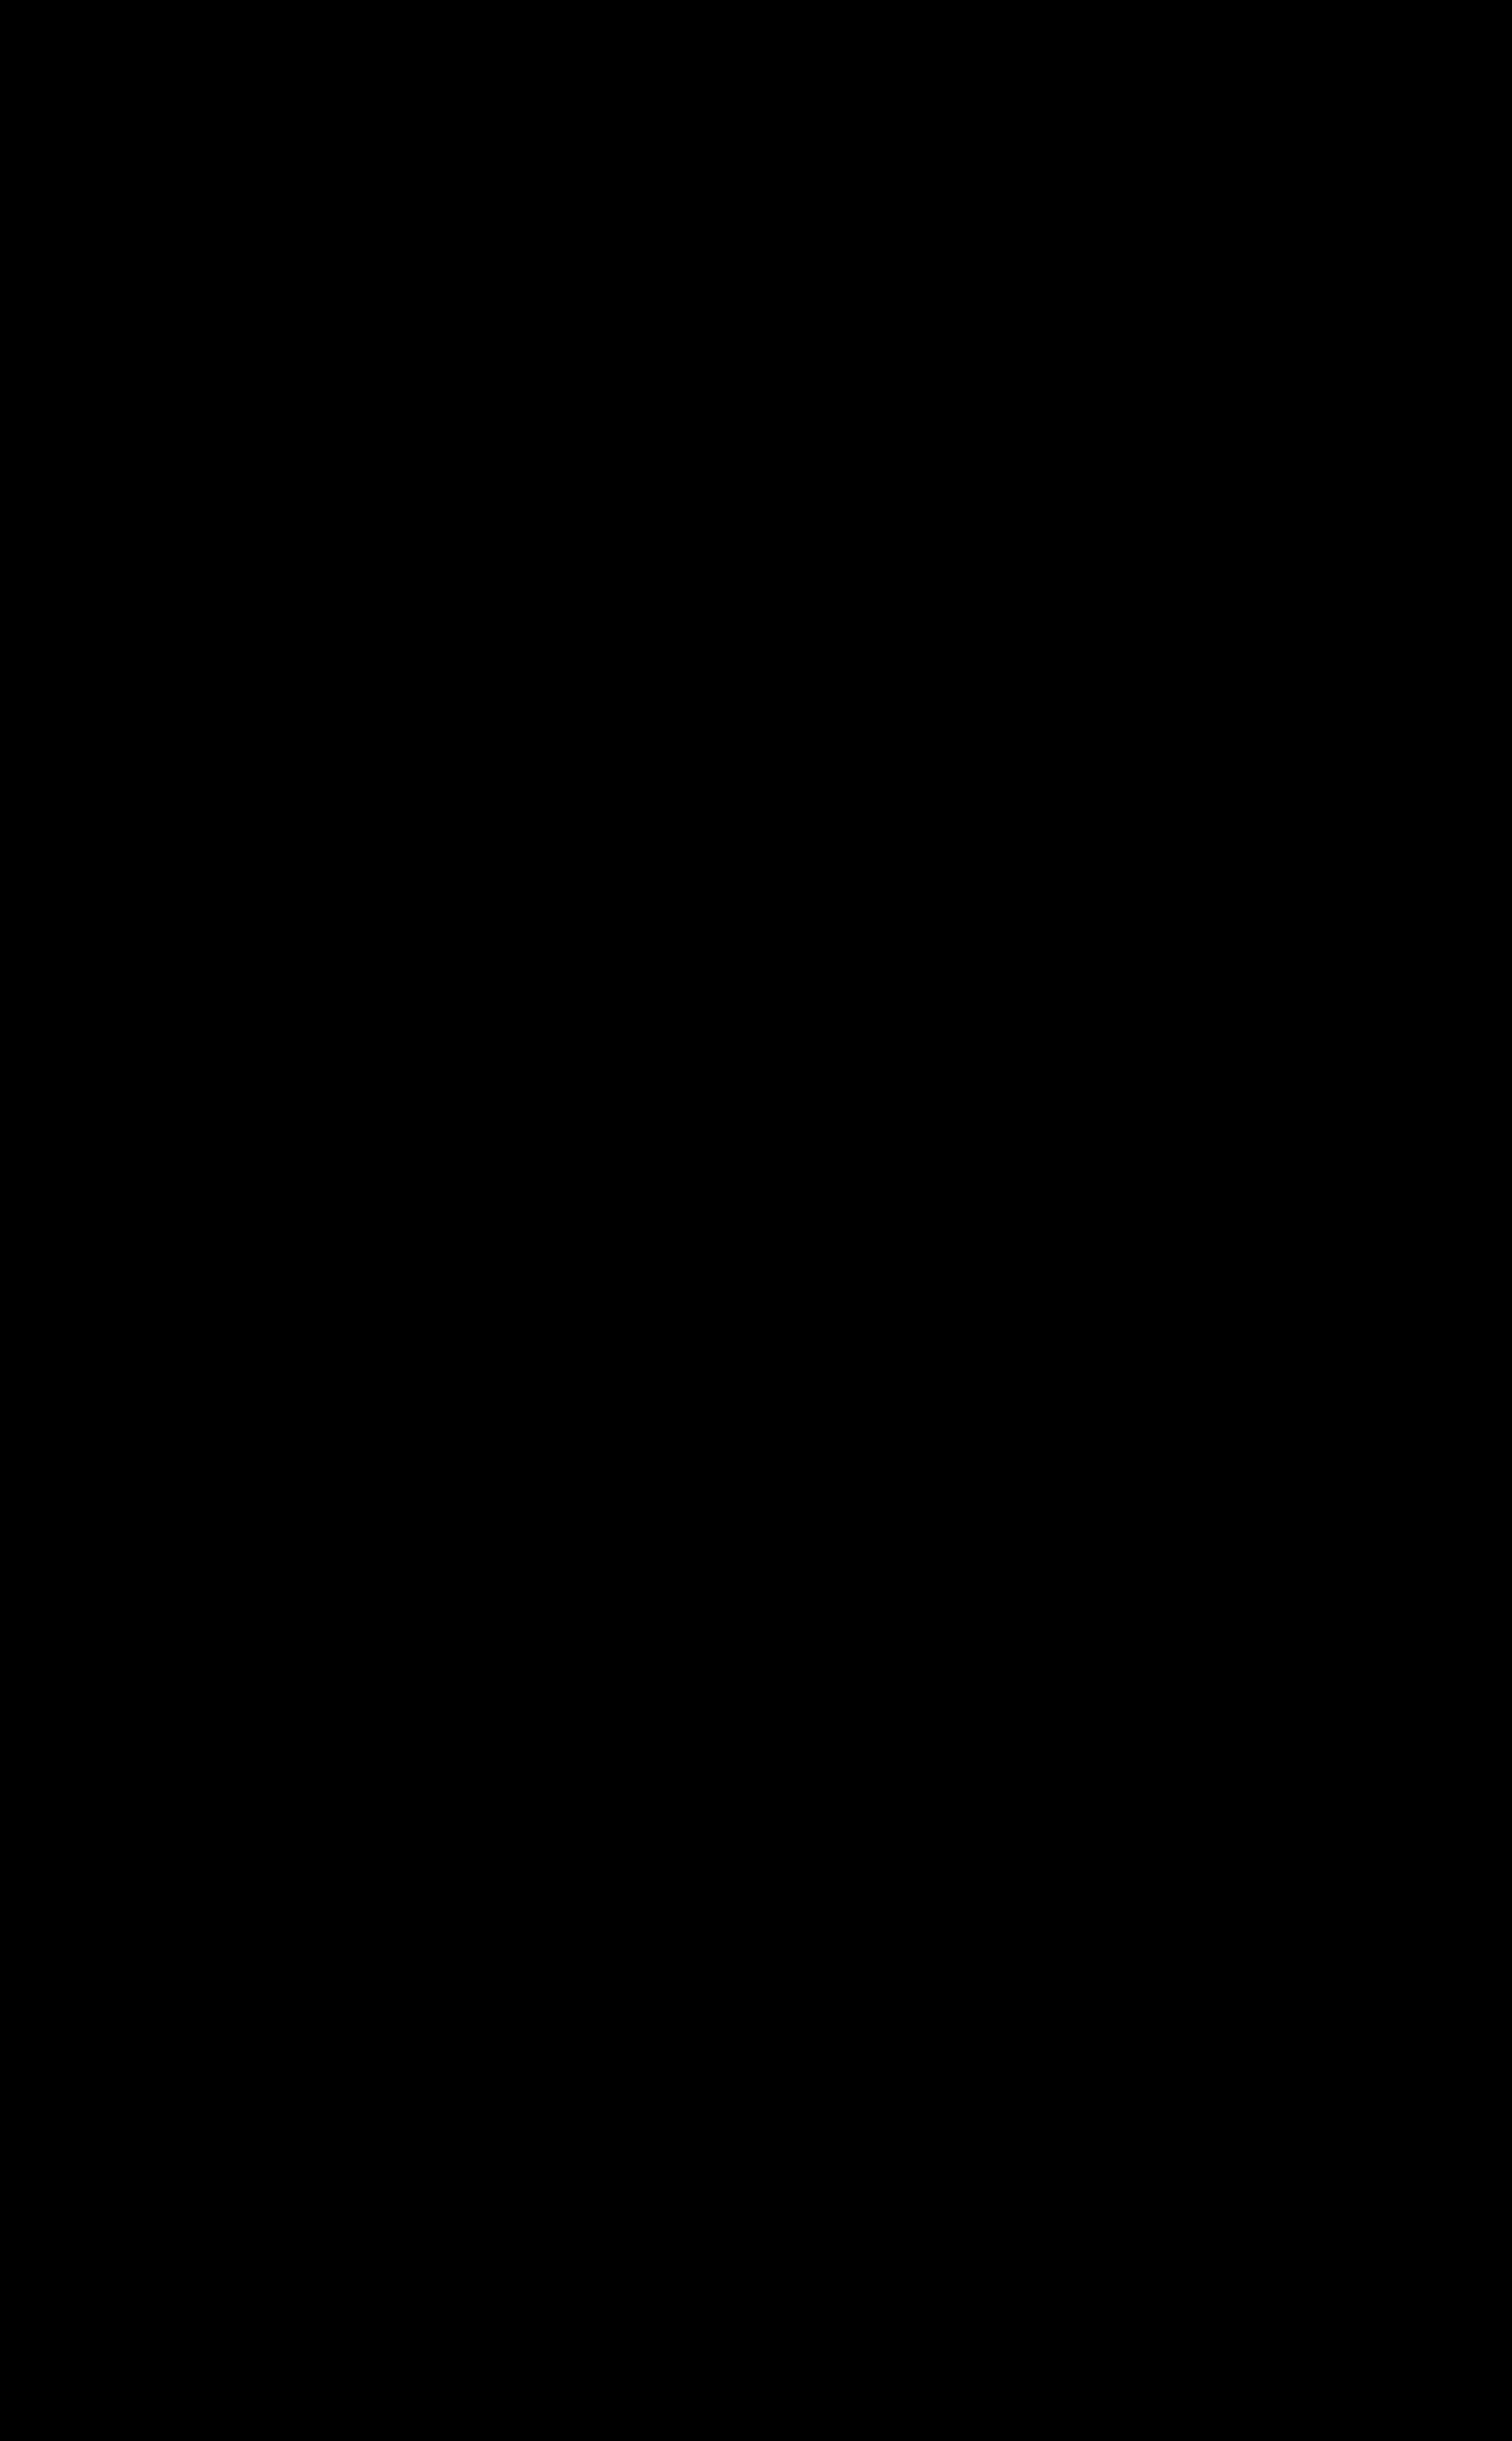 Binary Texture Binary Code Rooweb Code Wallpaper Code Art Binary Code